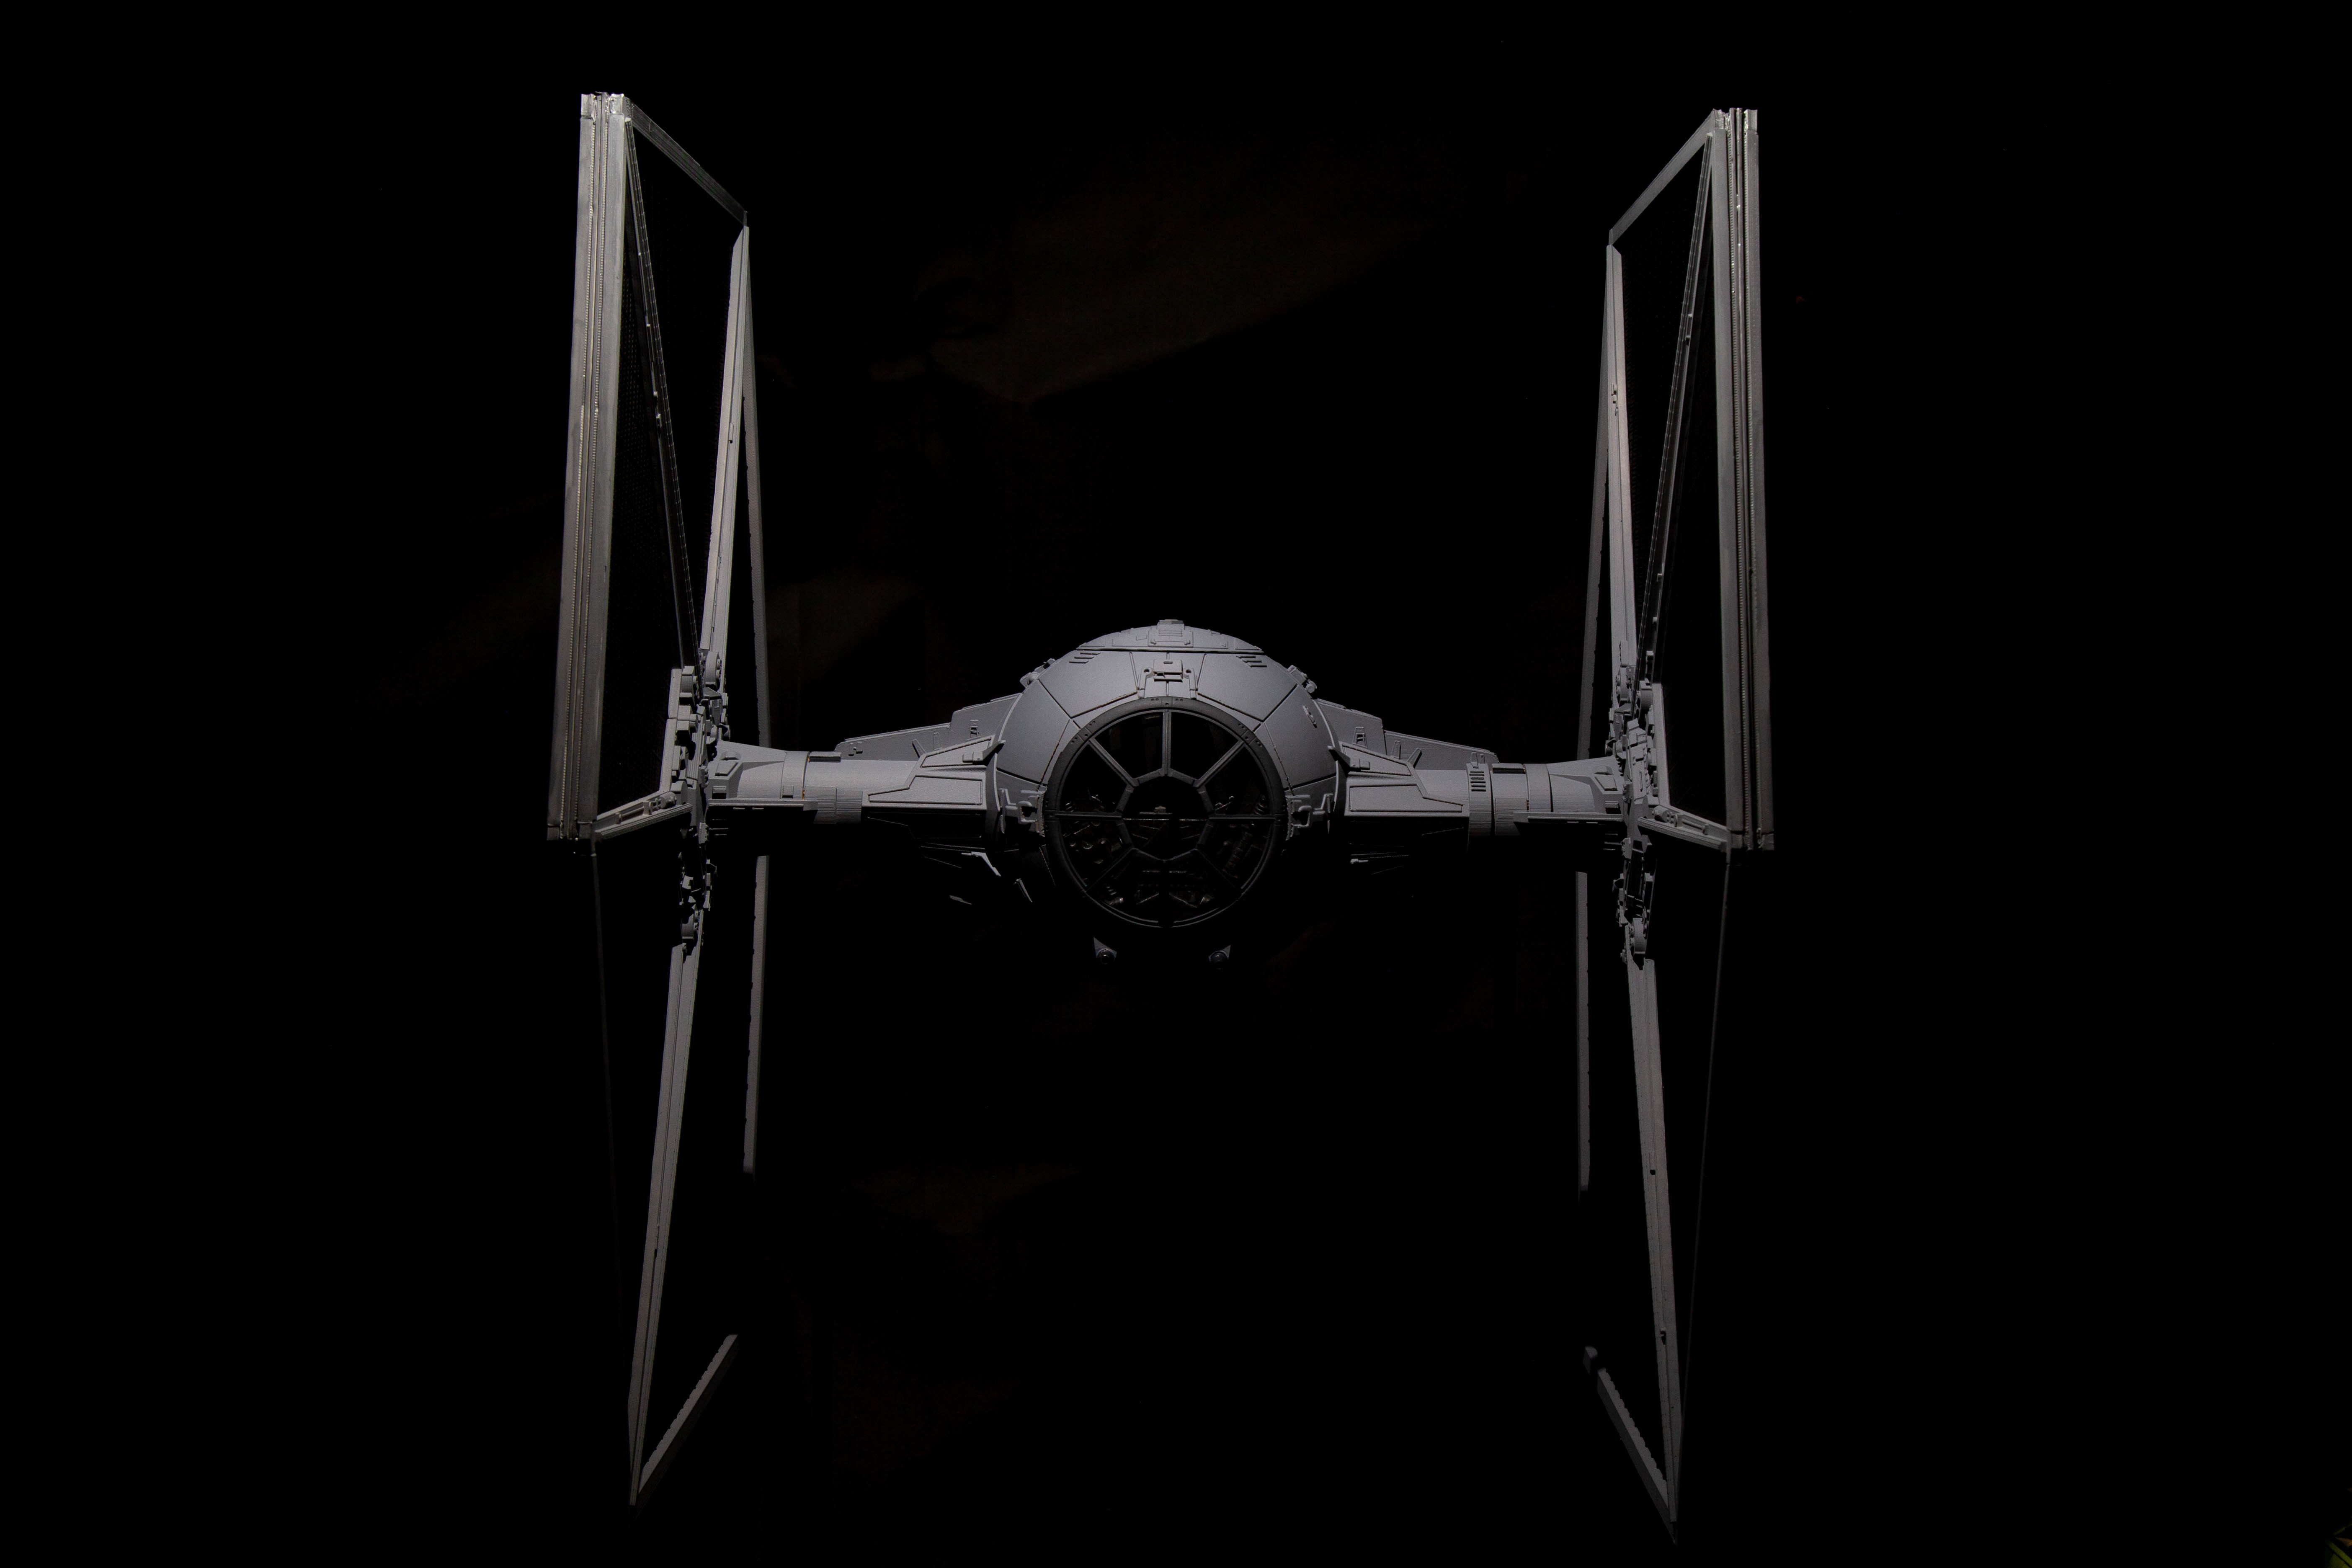 Starwars Tie Fighter